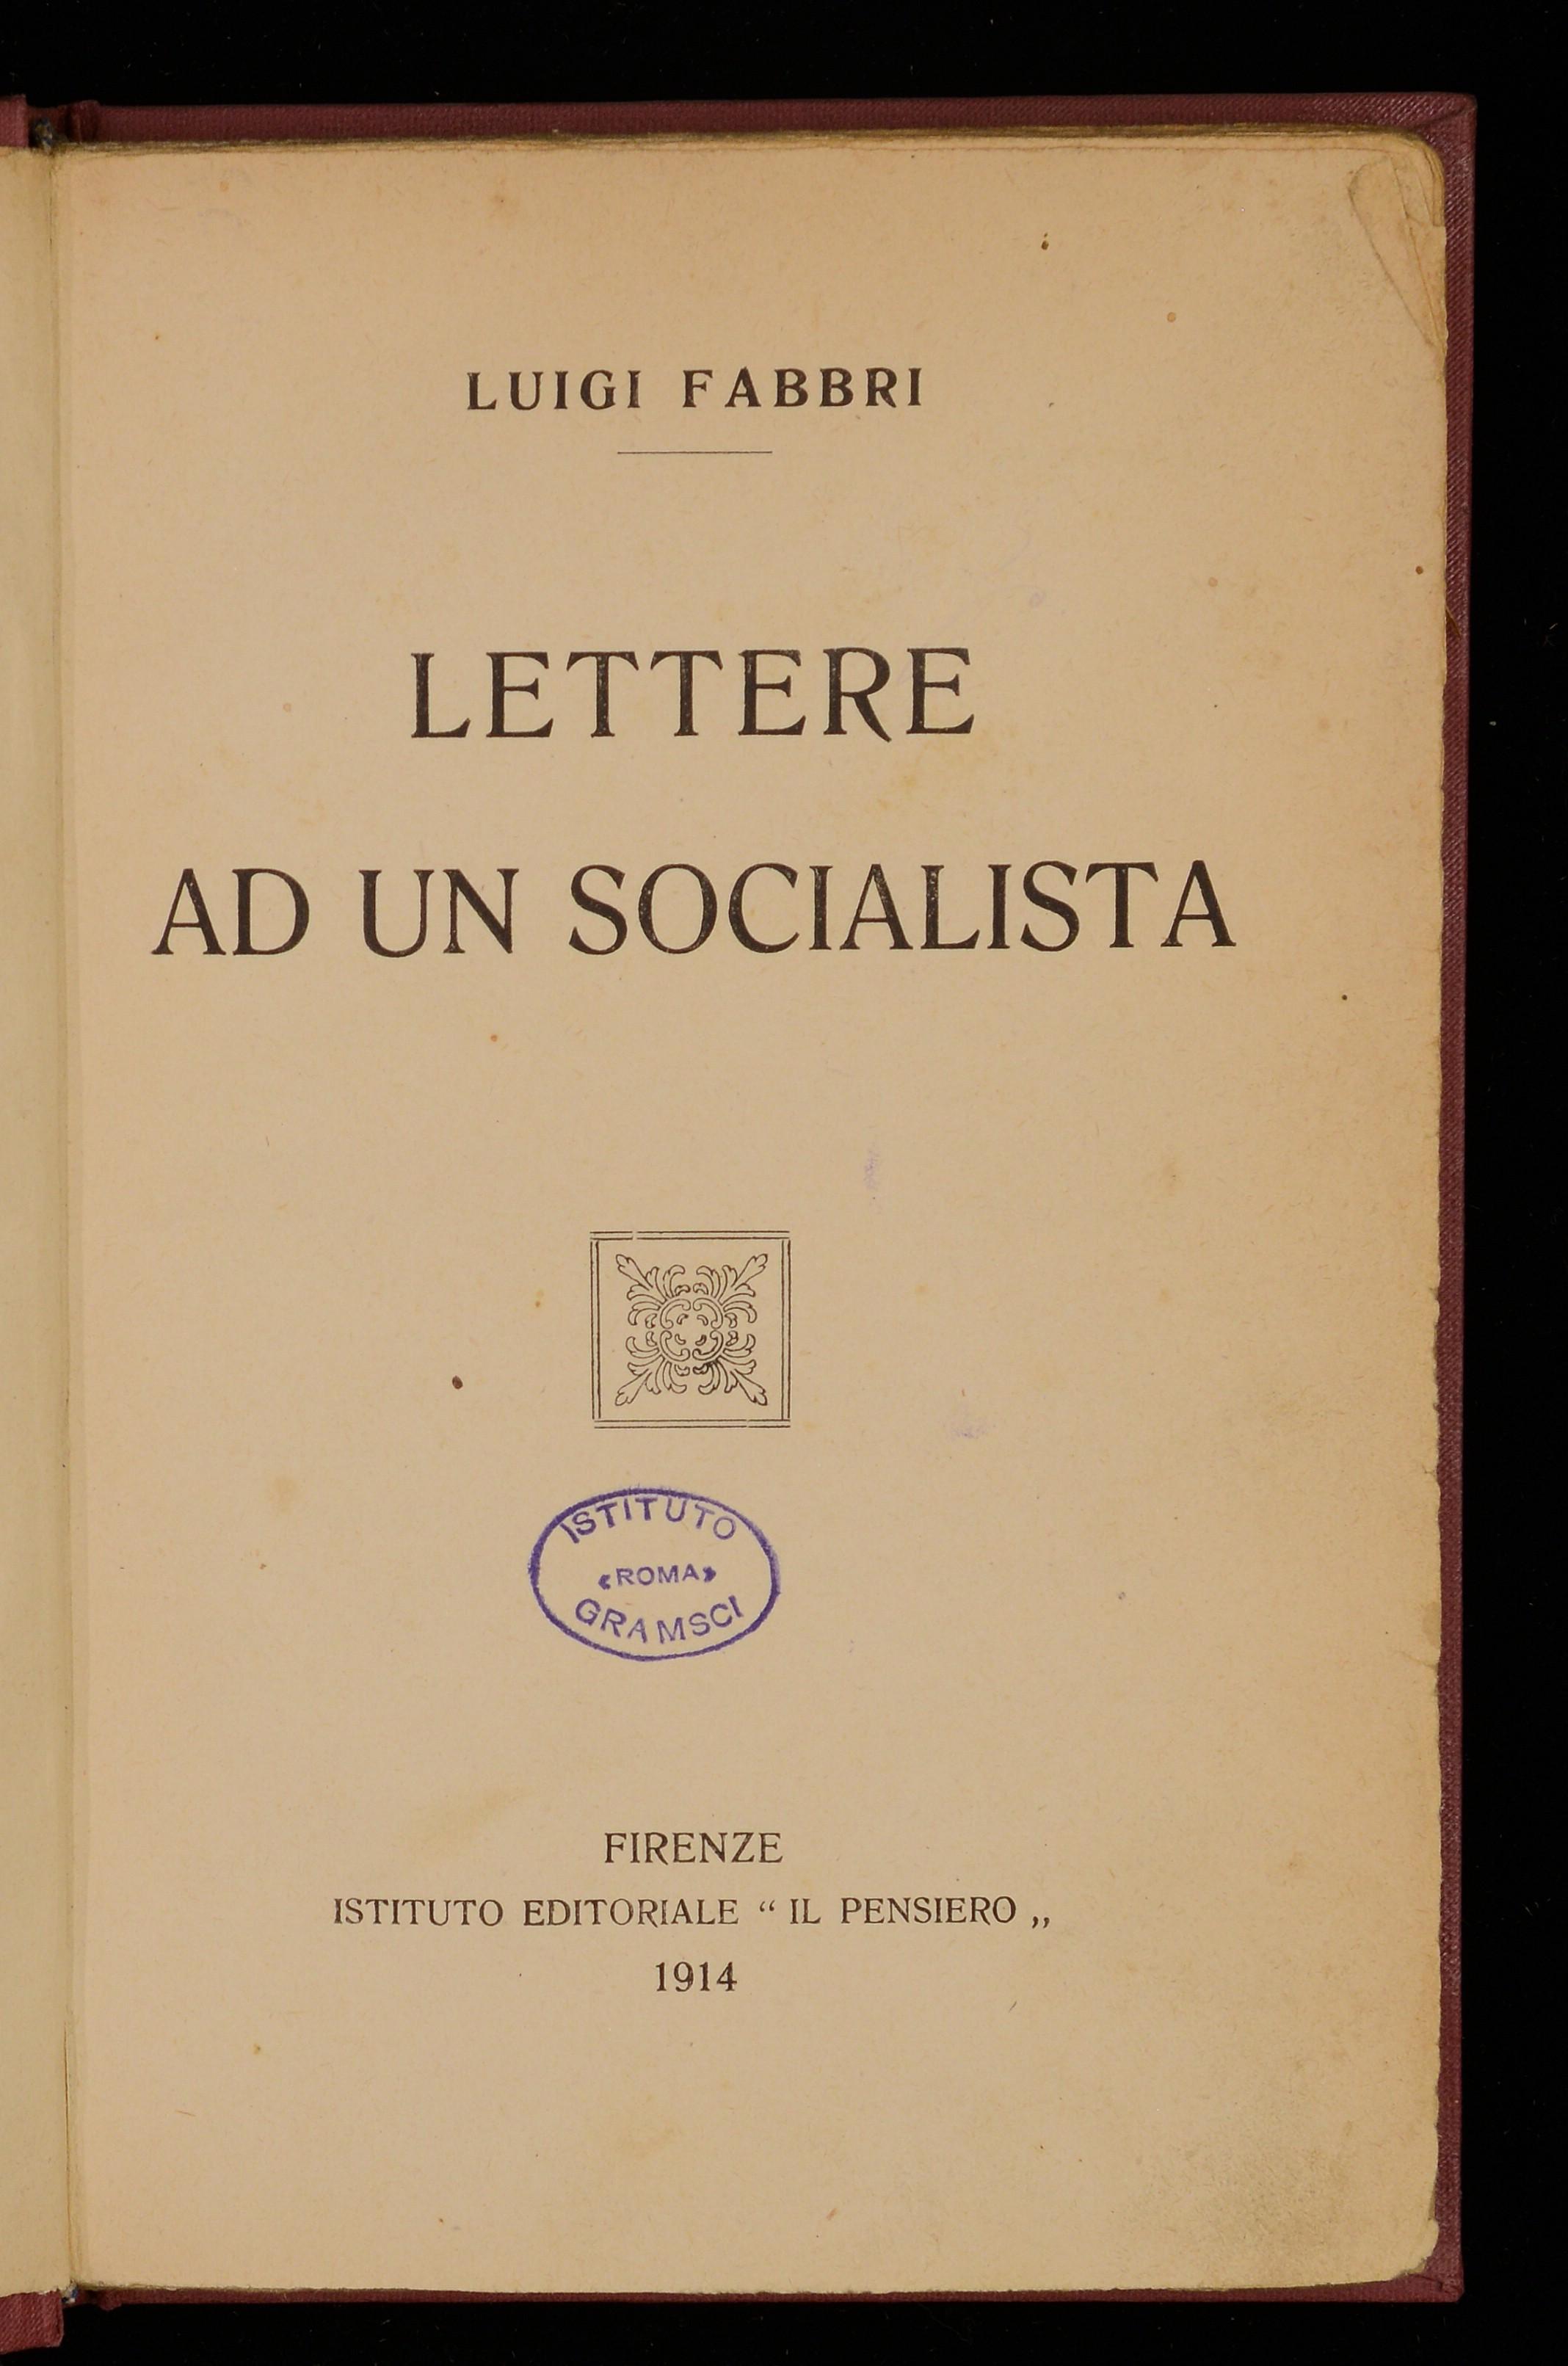 Lettere ad un socialista